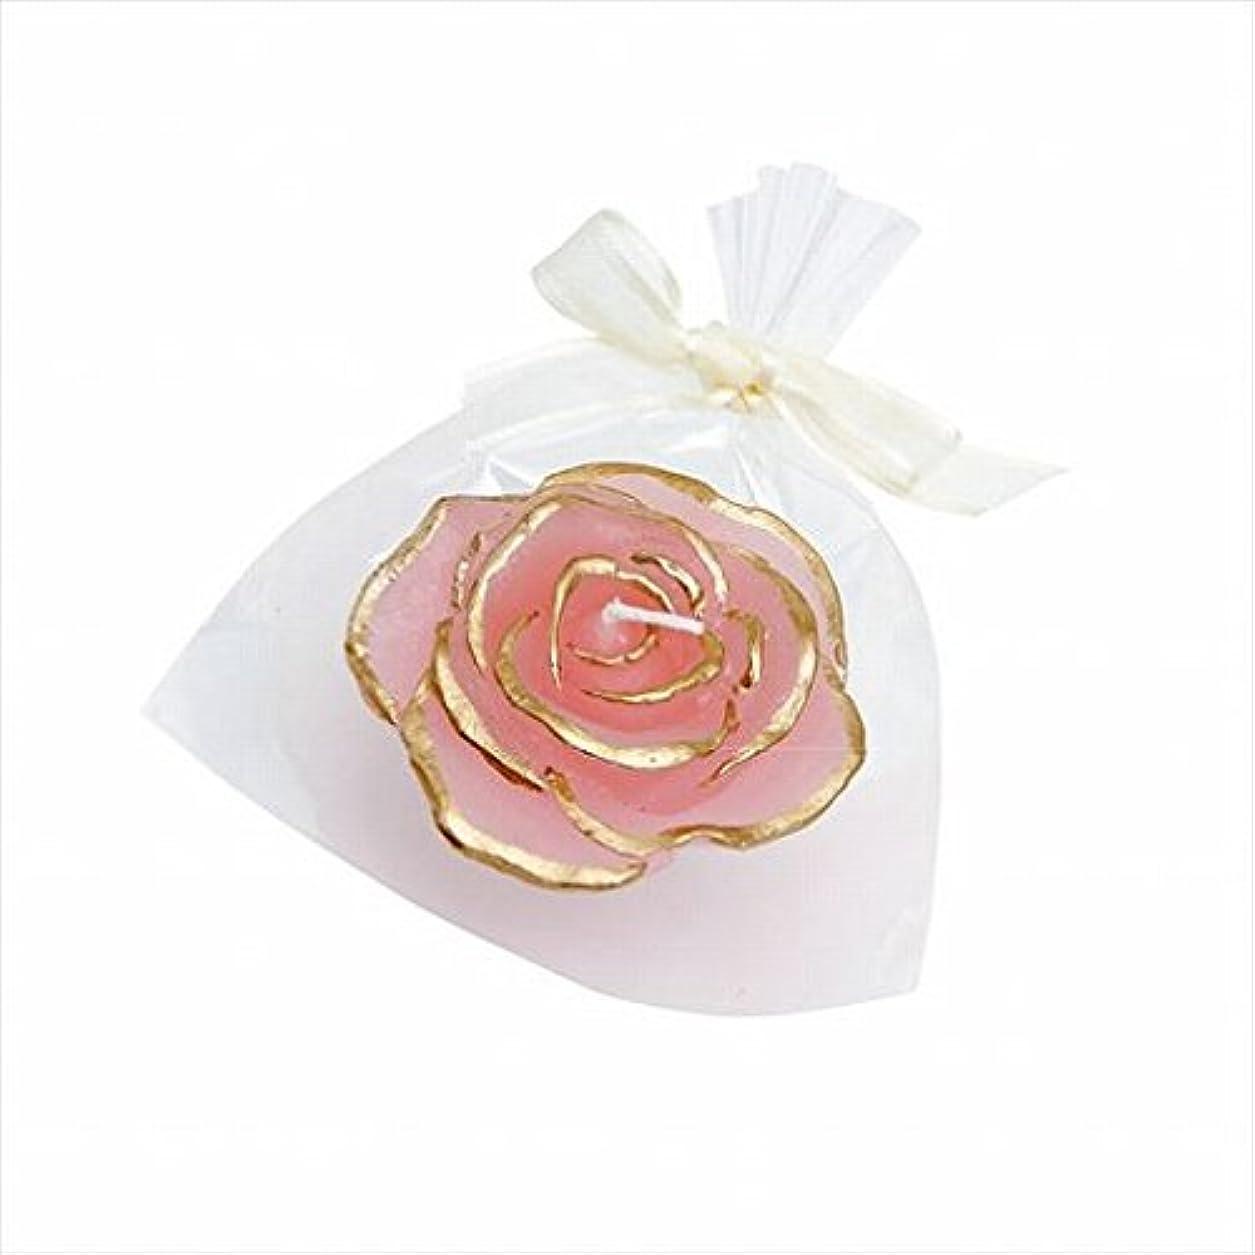 蓋成熟したあいさつカメヤマキャンドル(kameyama candle) プリンセスローズ 「 ピンク 」